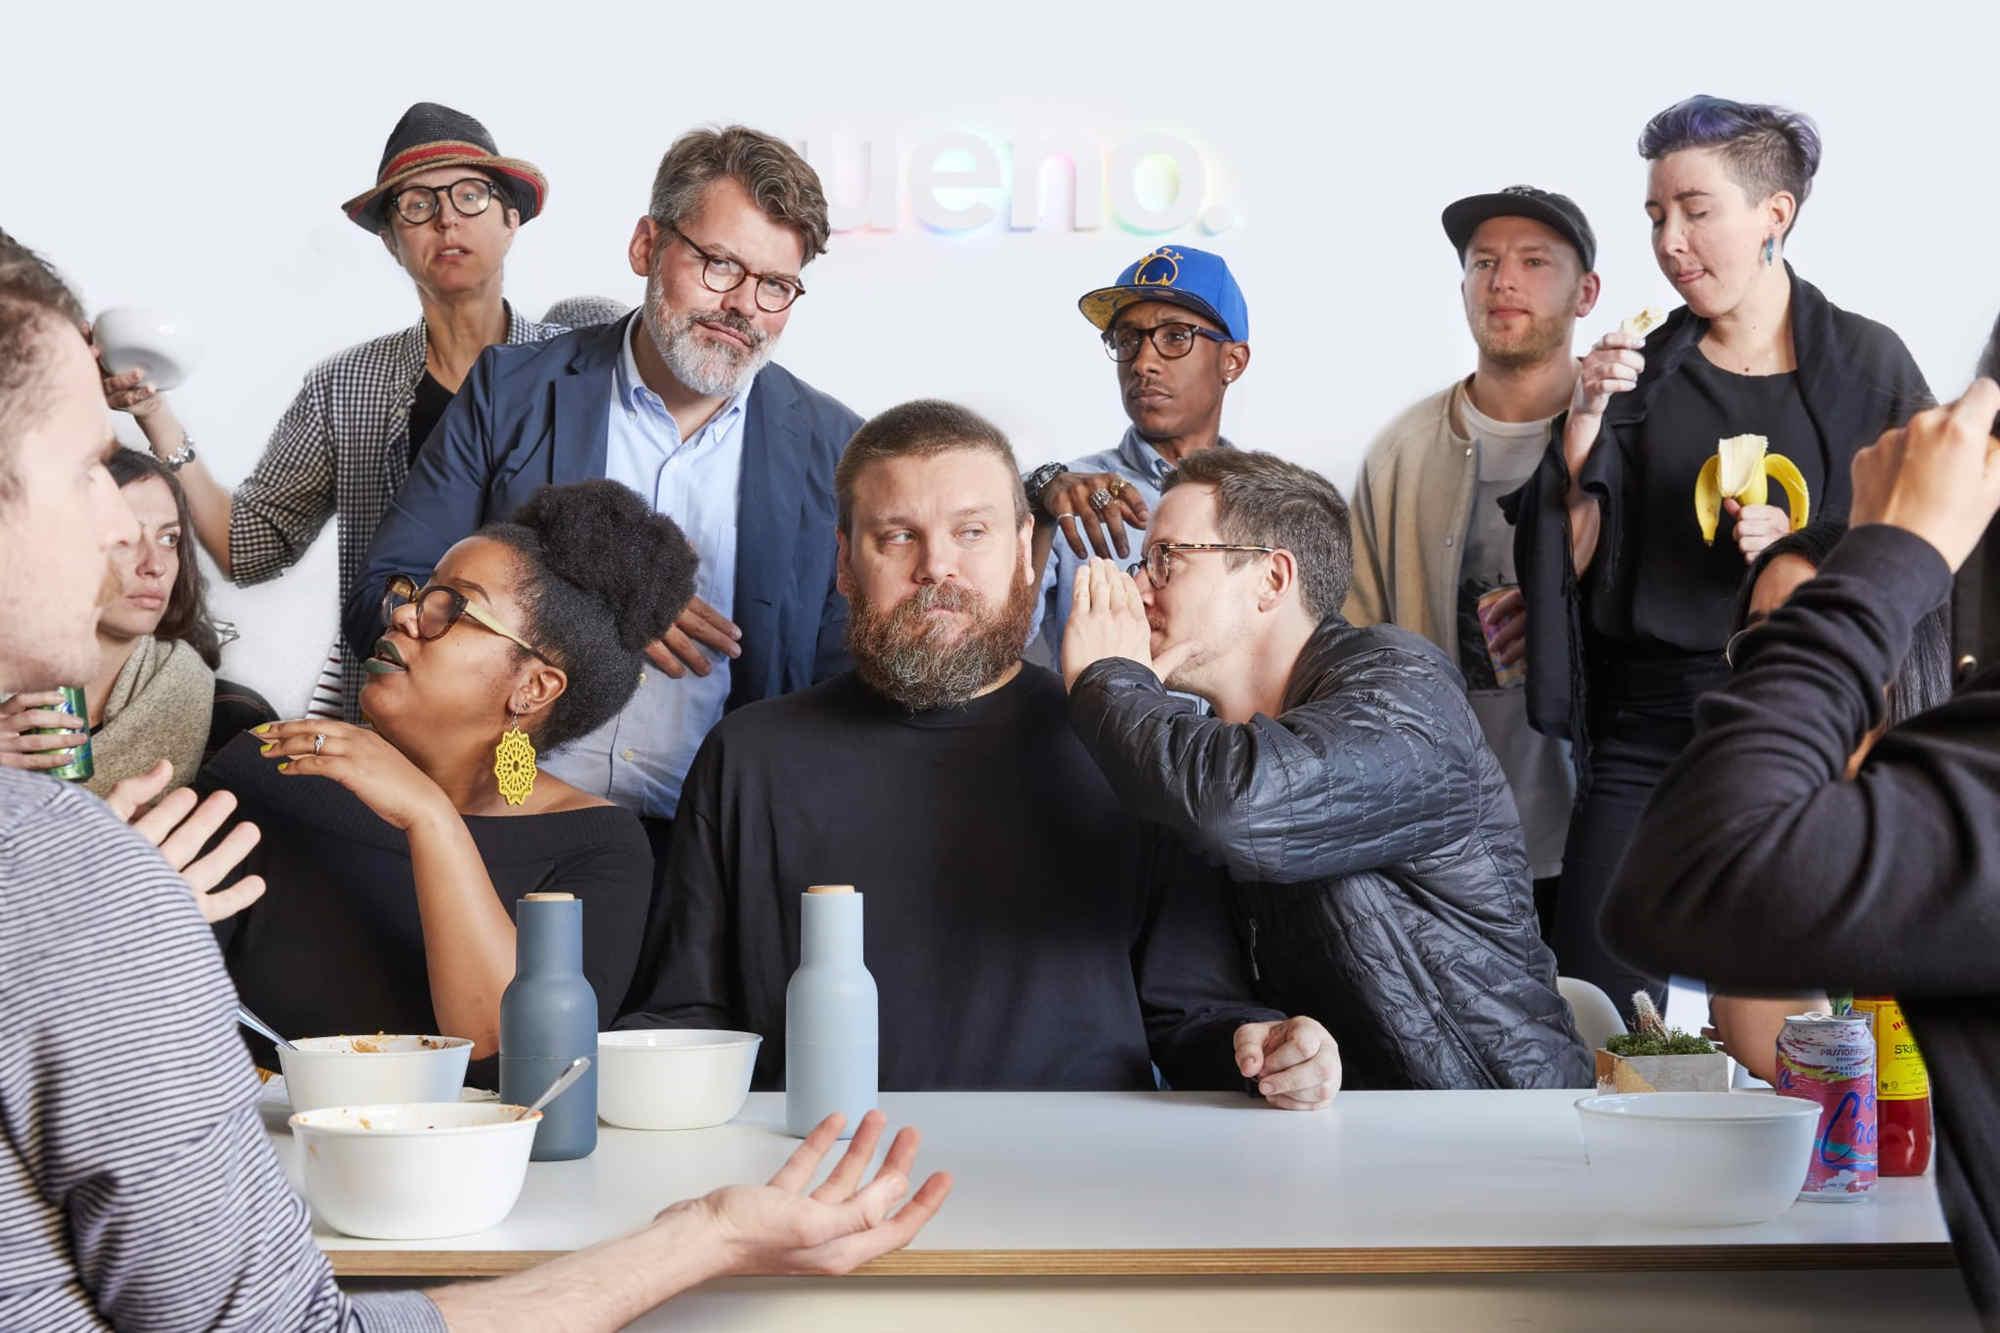 设计工作室Ueno创始人Haraldur Thorleifsson 访谈